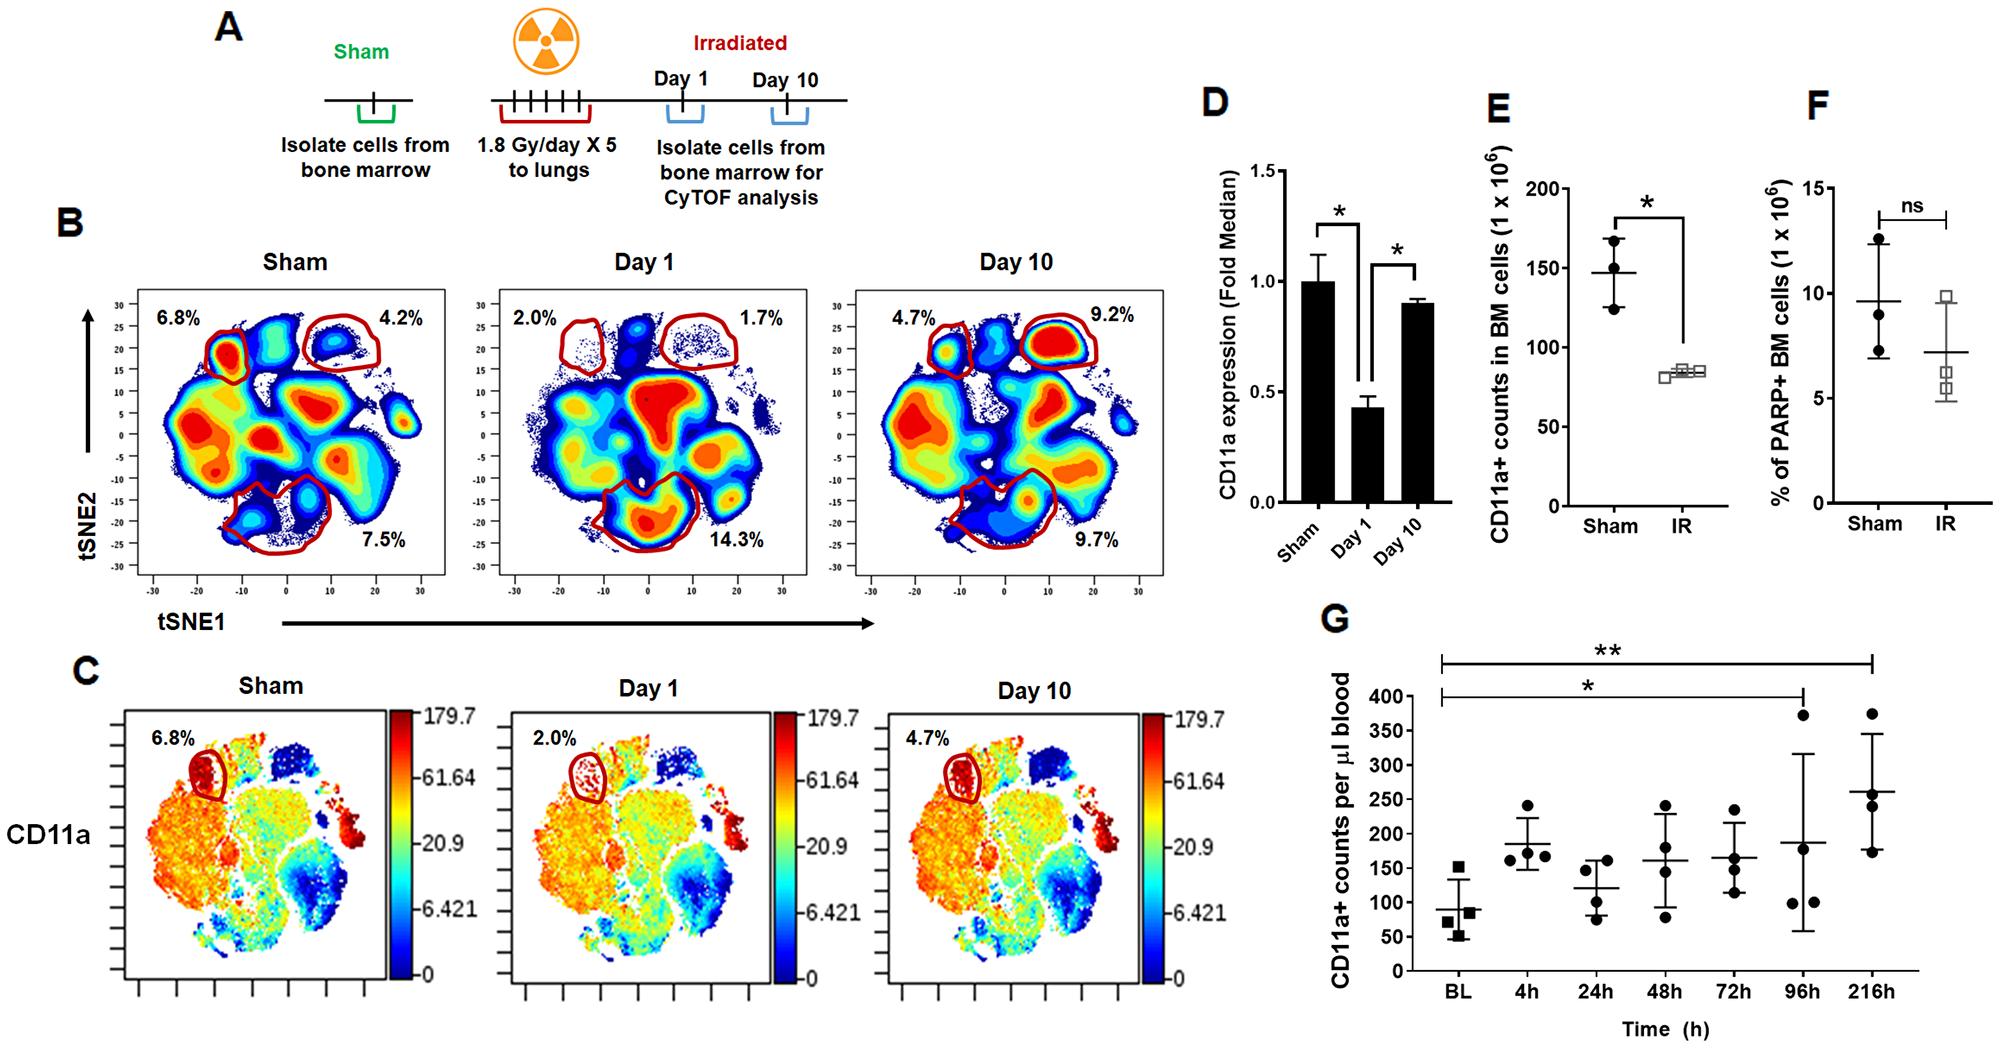 CyTOF analysis of bone marrow cells following irradiation.